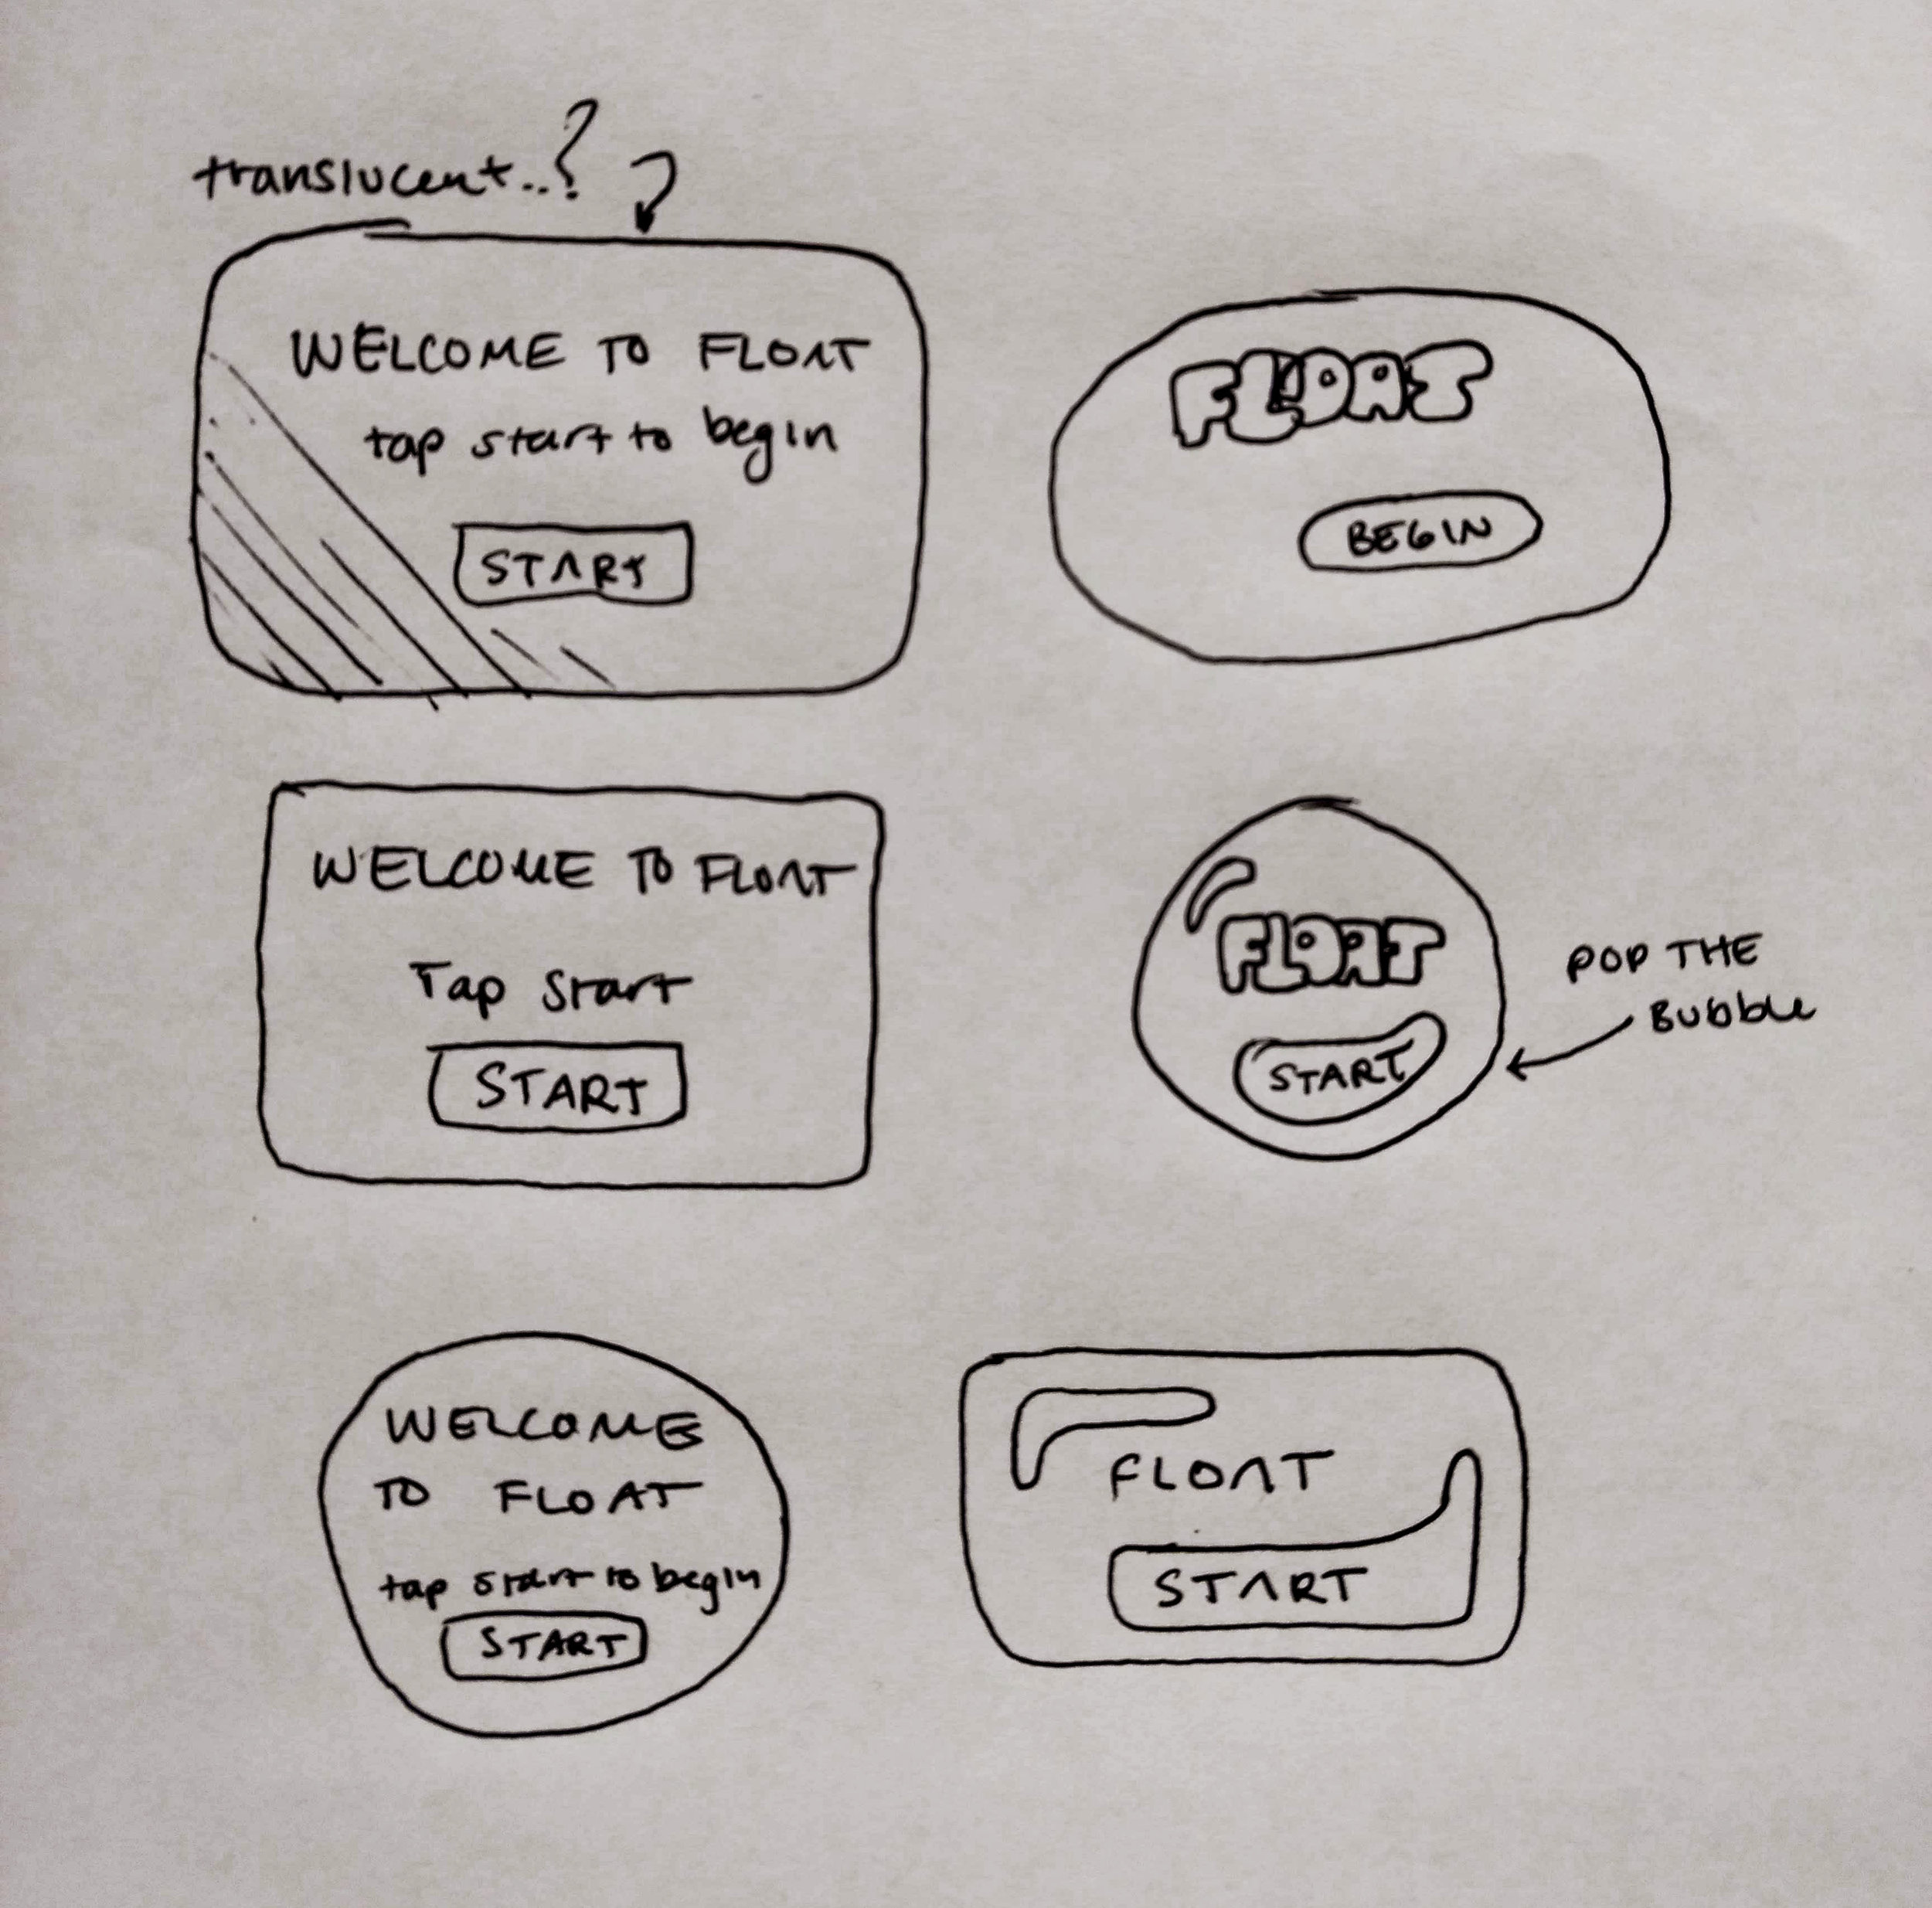 UI_Sketch.jpg